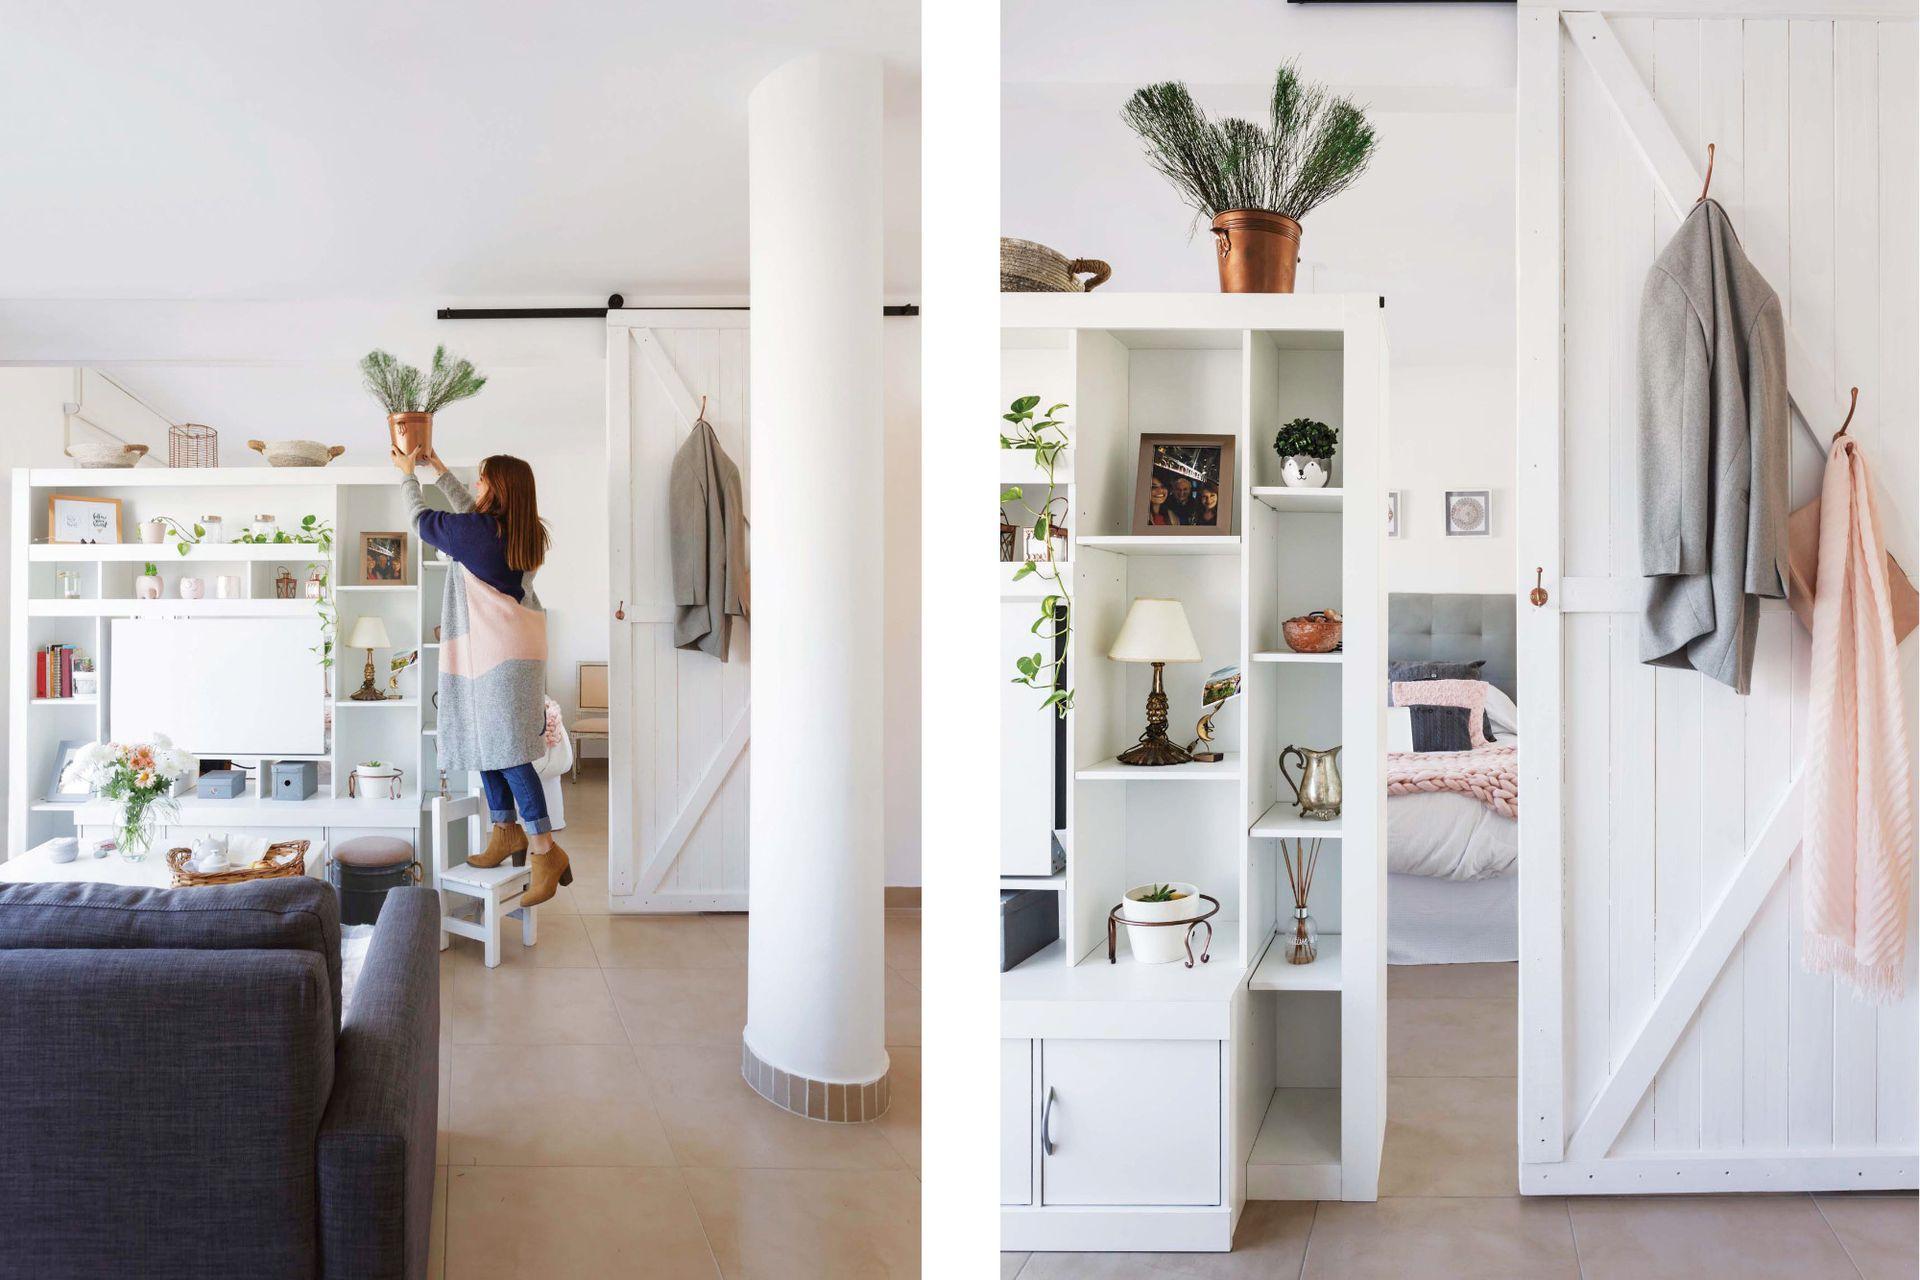 Las decoradoras de Casa Gris, que la asesoraron con la ambientación, le agregaron ganchos a la puerta corrediza, y así adquirió uso extra como perchero.